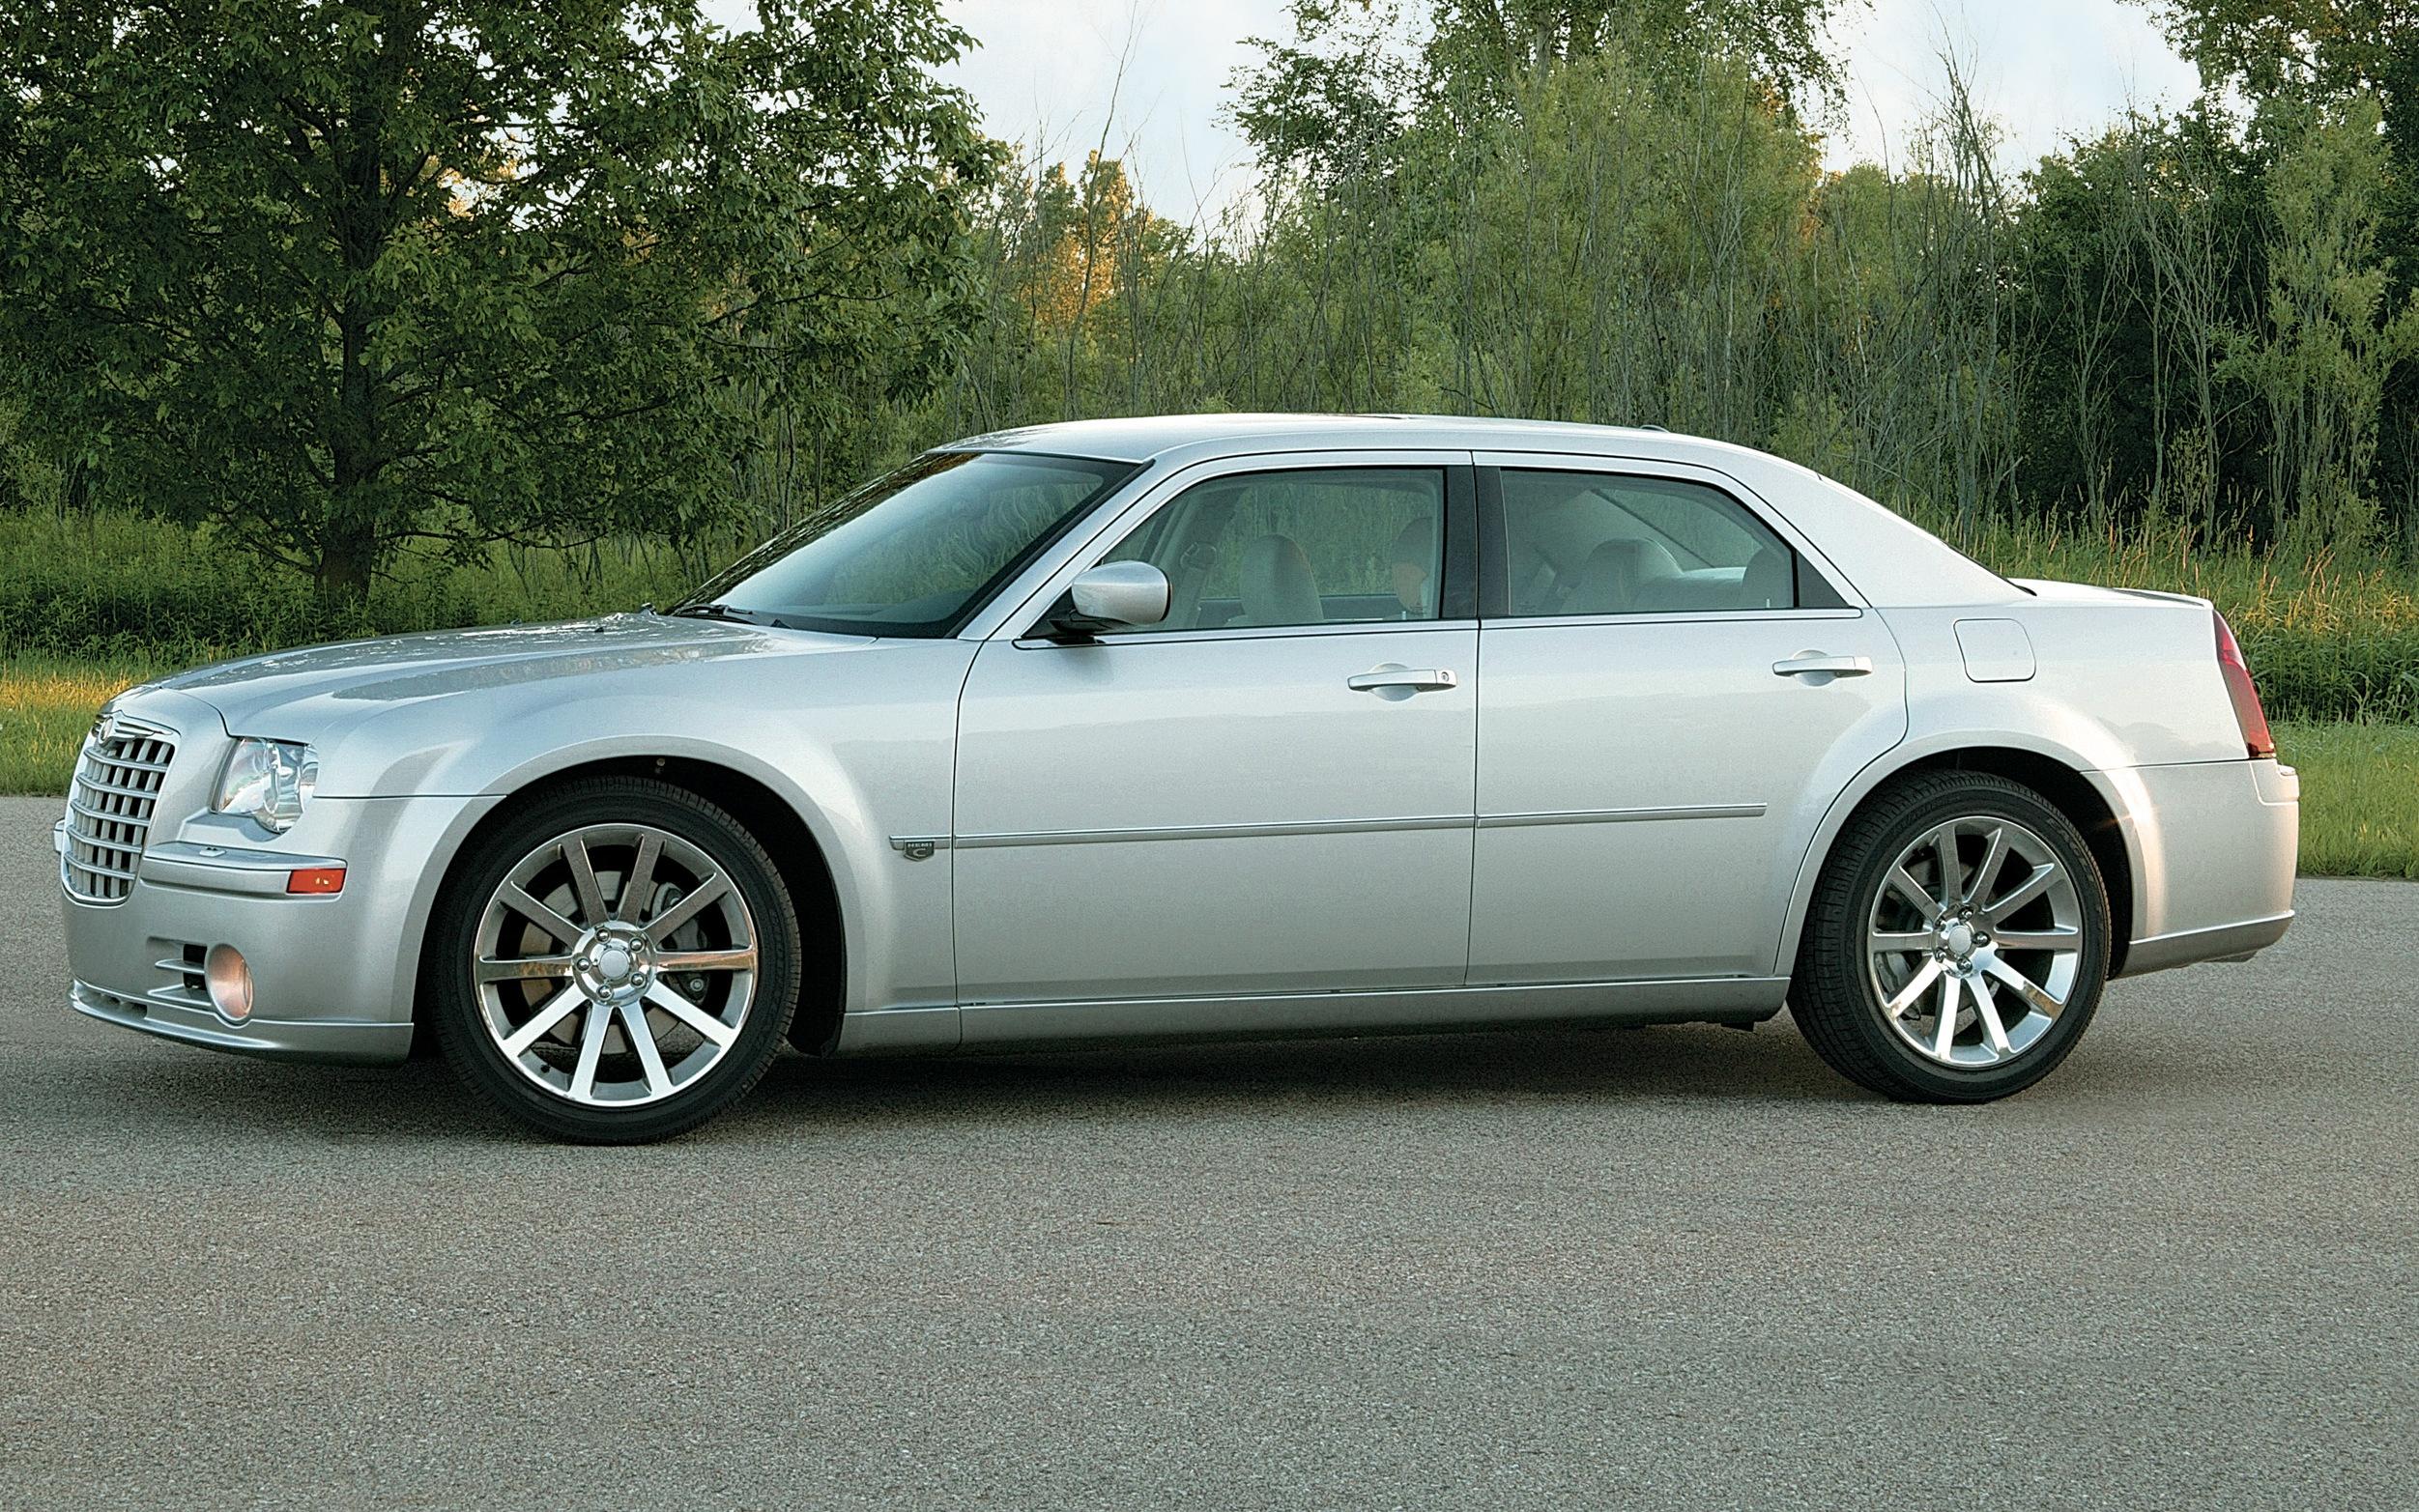 2006 Chrysler 300 Srt8 Grille